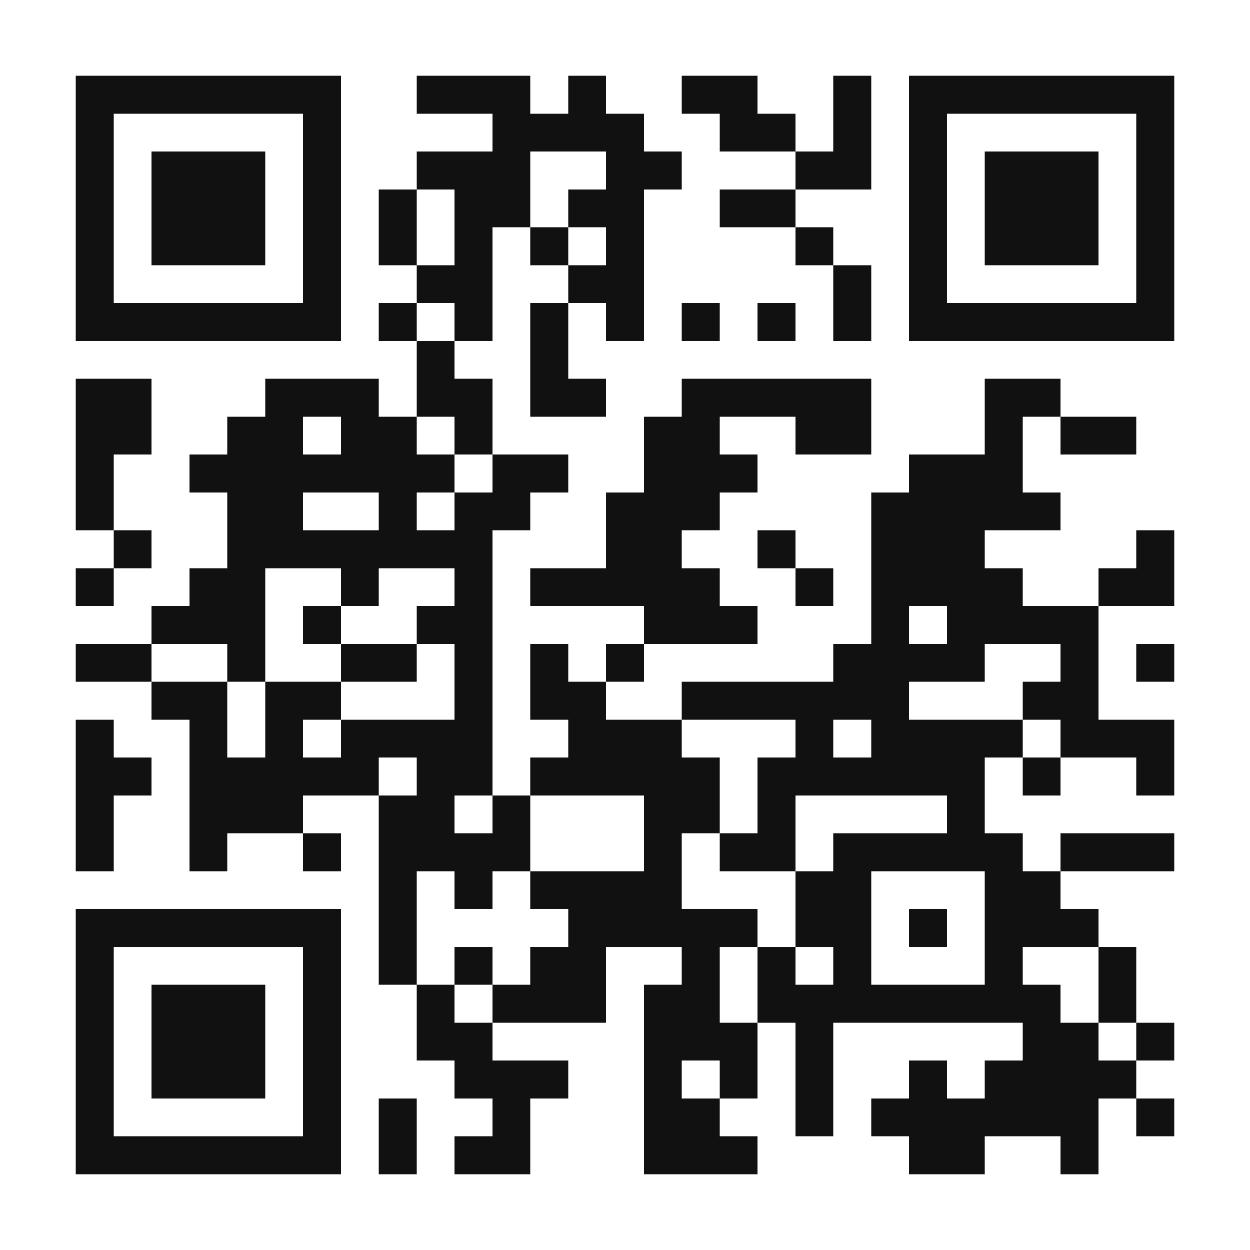 ManyChat flow editor screenshot for Bot de cartão de fidelidade para estúdios de pilates